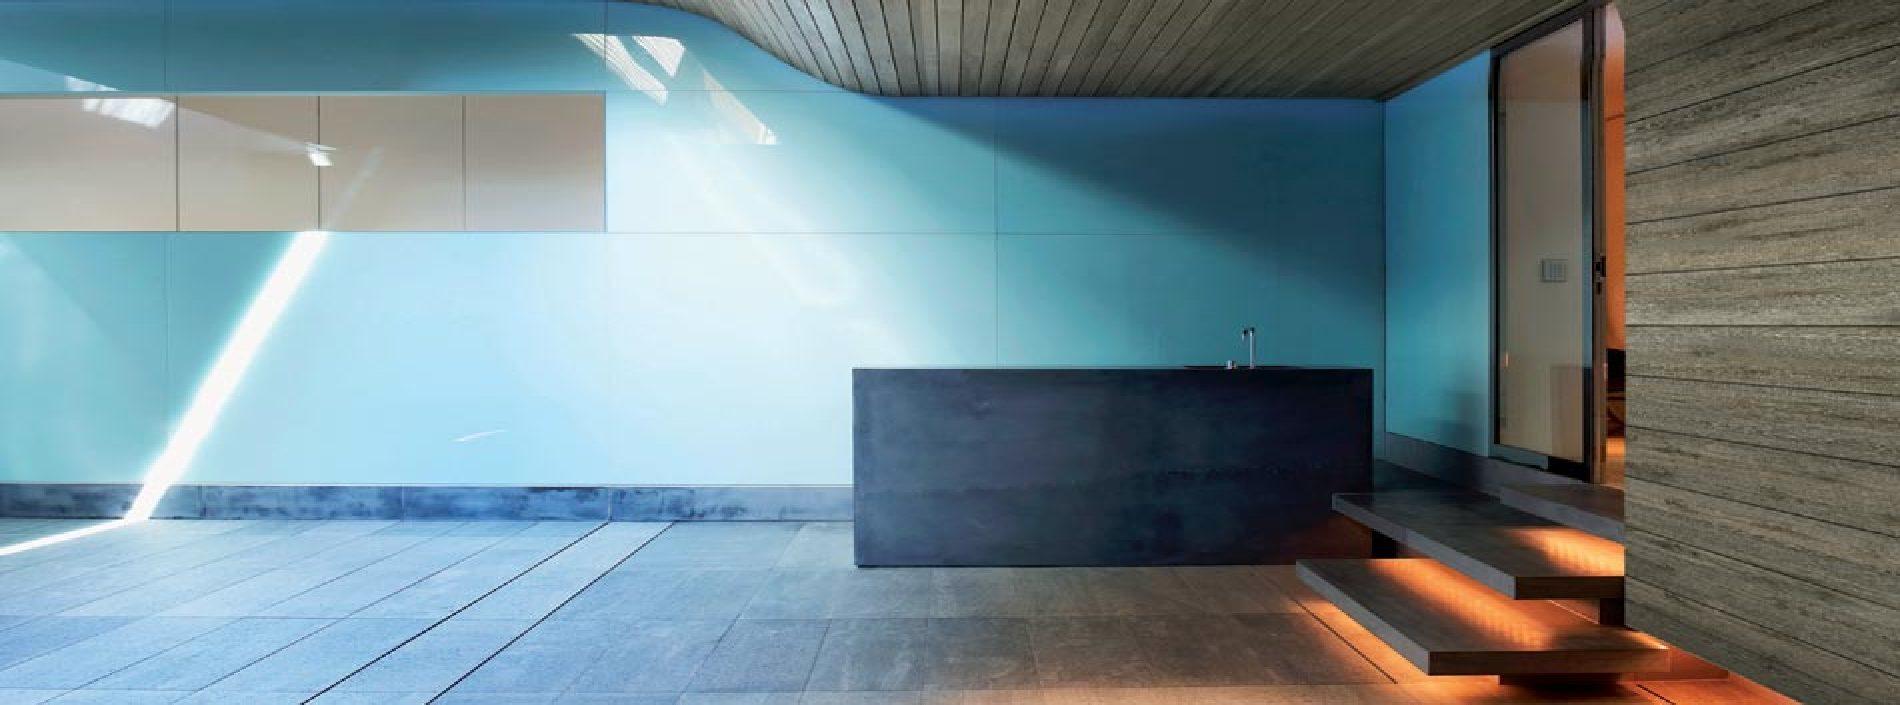 Maximum maxitiles: large porcelain tiles | Floornature